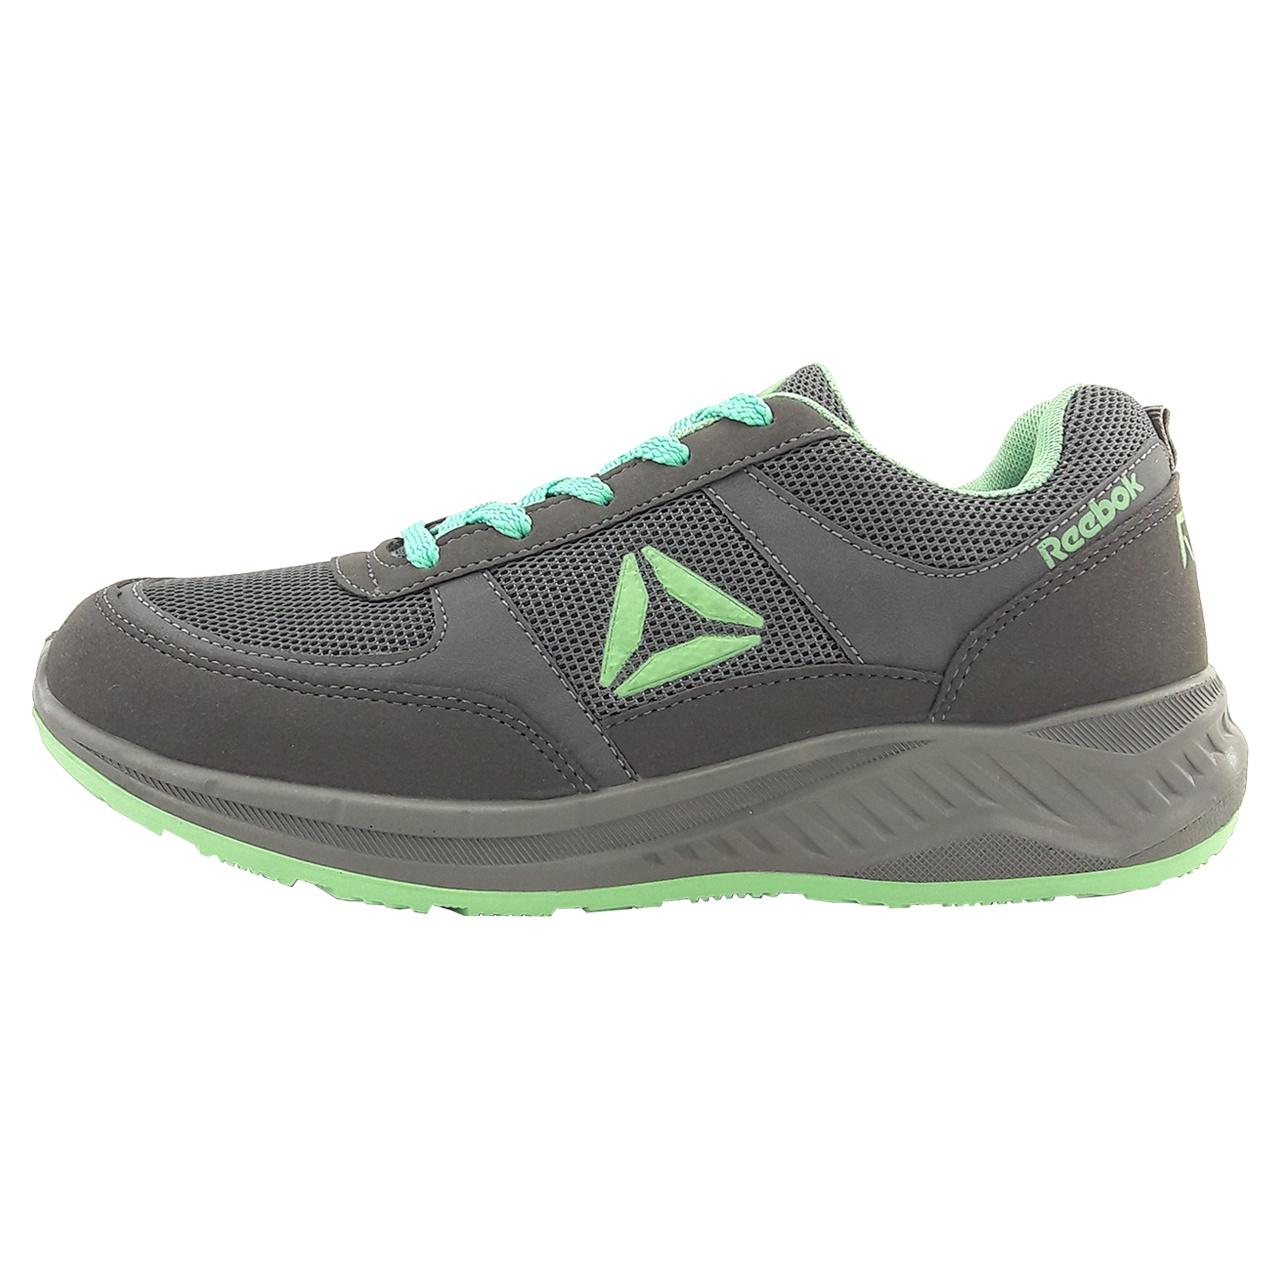 کفش مخصوص پیاده روی زنانه مدل Rb.tzp.gr grn-01